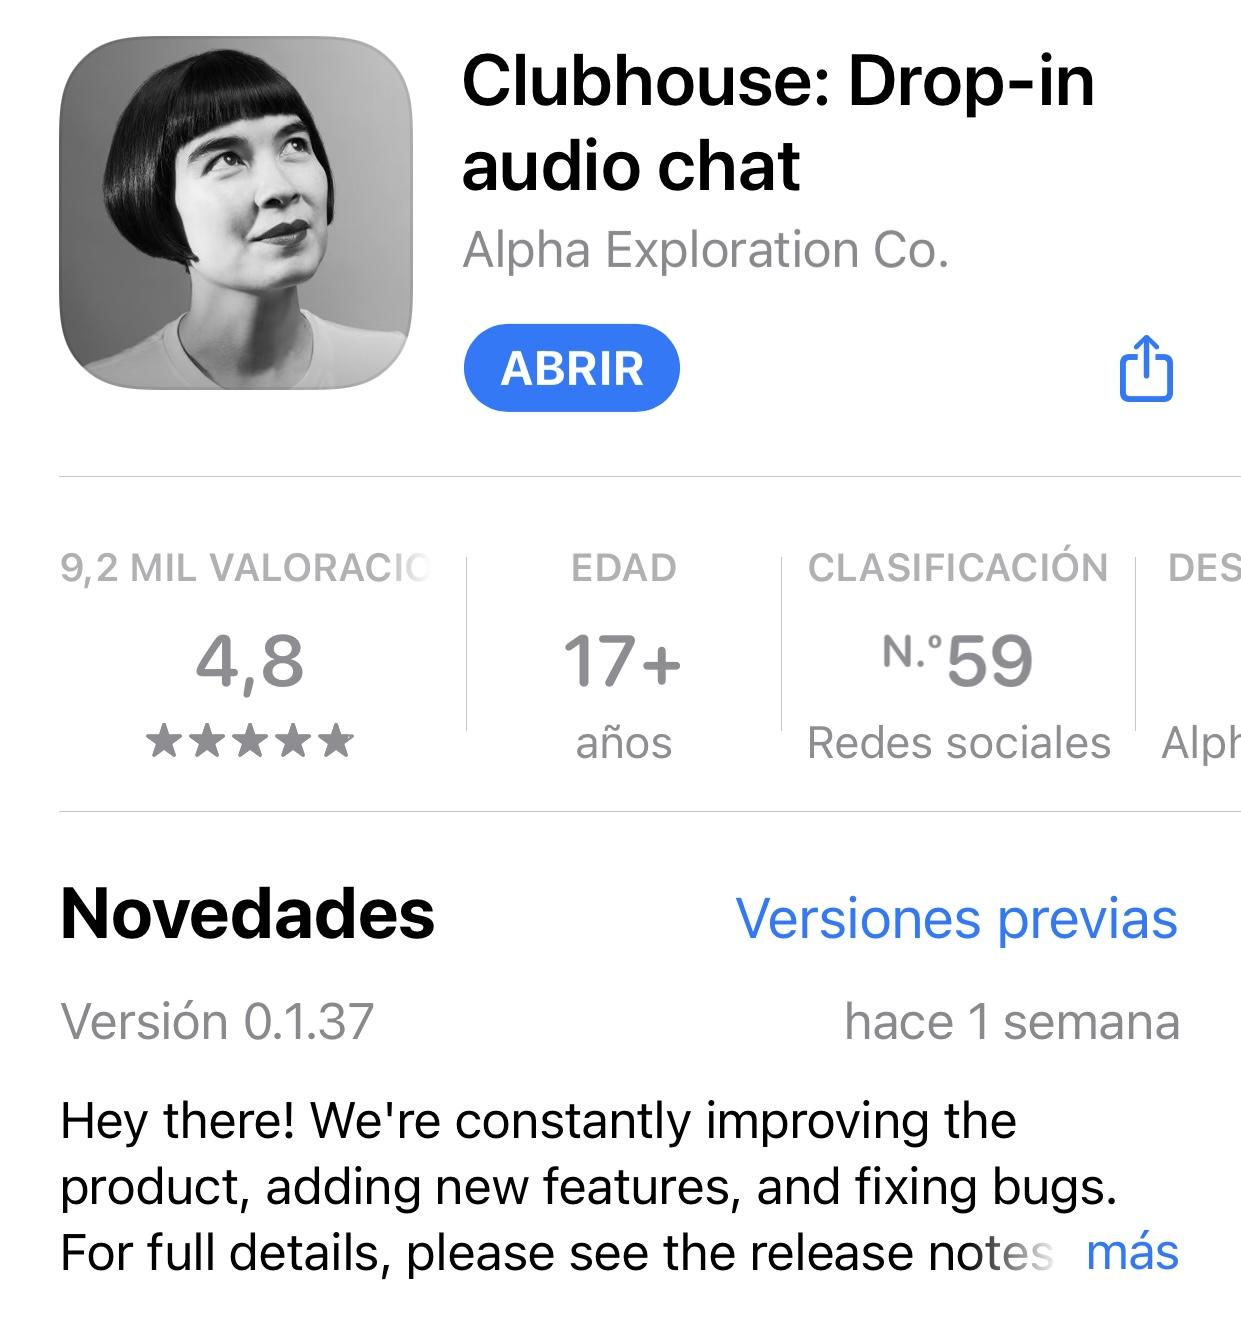 Clubhouse cómo funciona